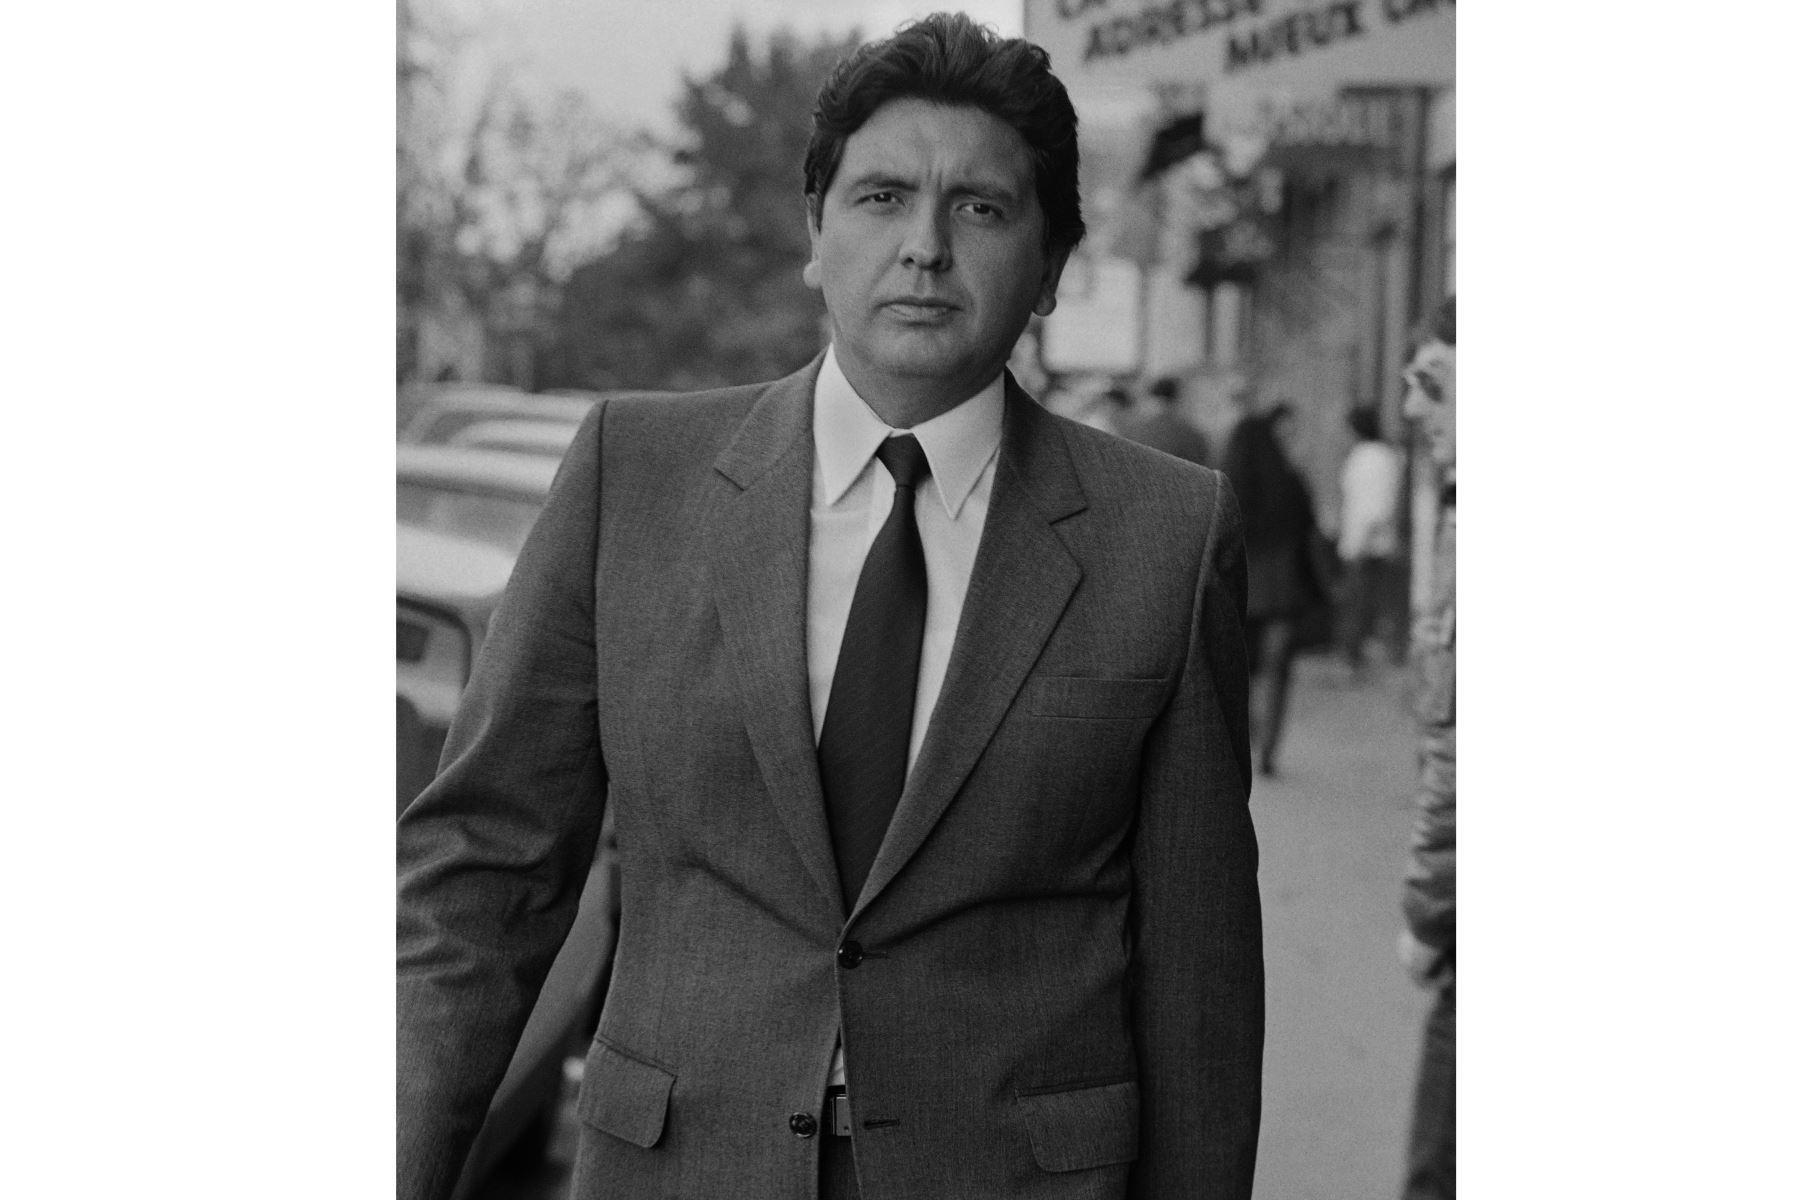 Fotografía tomada el 20 de junio de 1985 en París, mostrando al presidente peruano Alan García.Foto: AFP